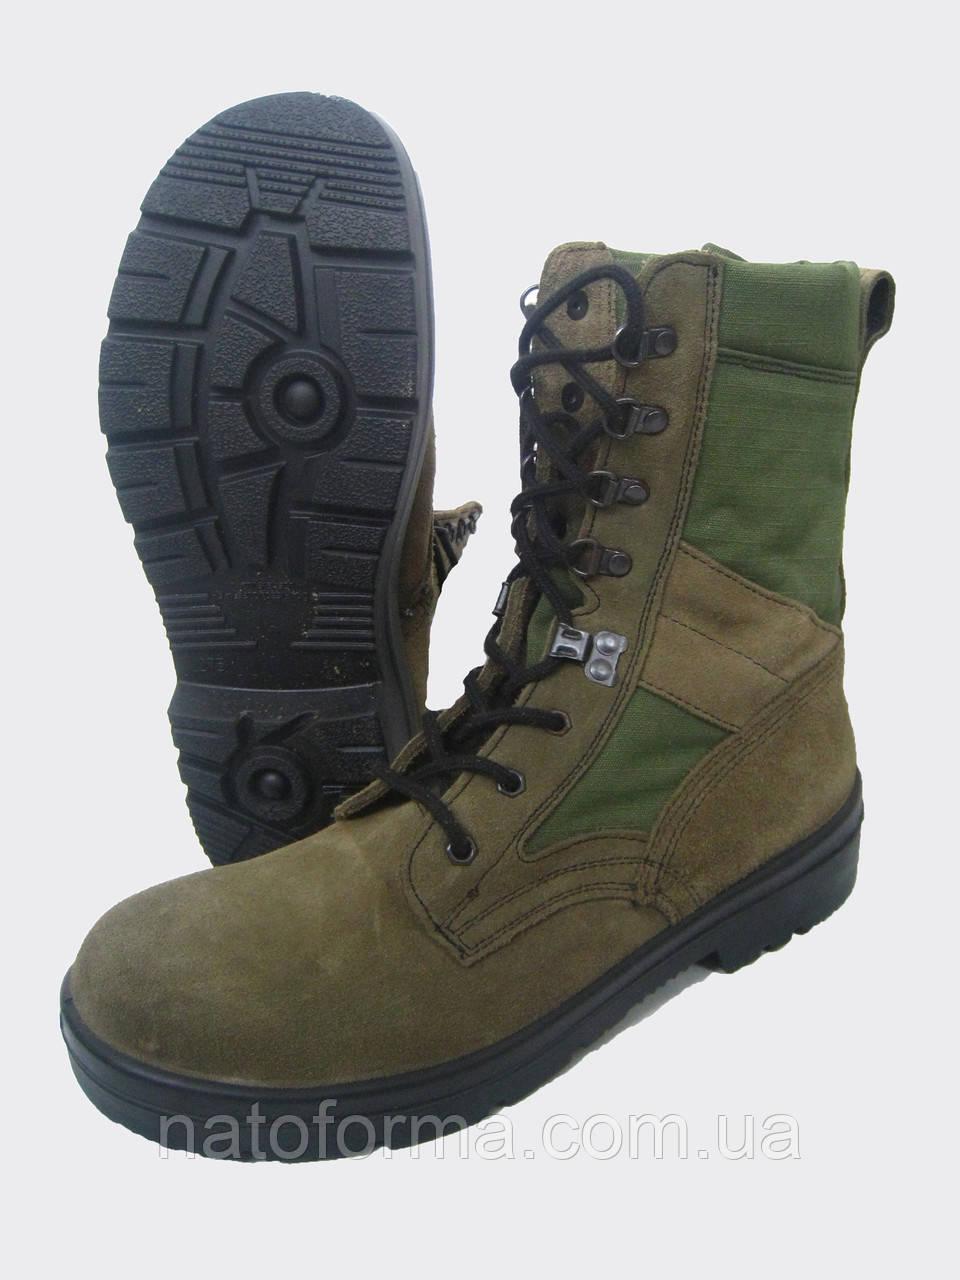 Берцы, военные ботинки. Контрактные армии Нидерландов. Модель M 93 (Haix).